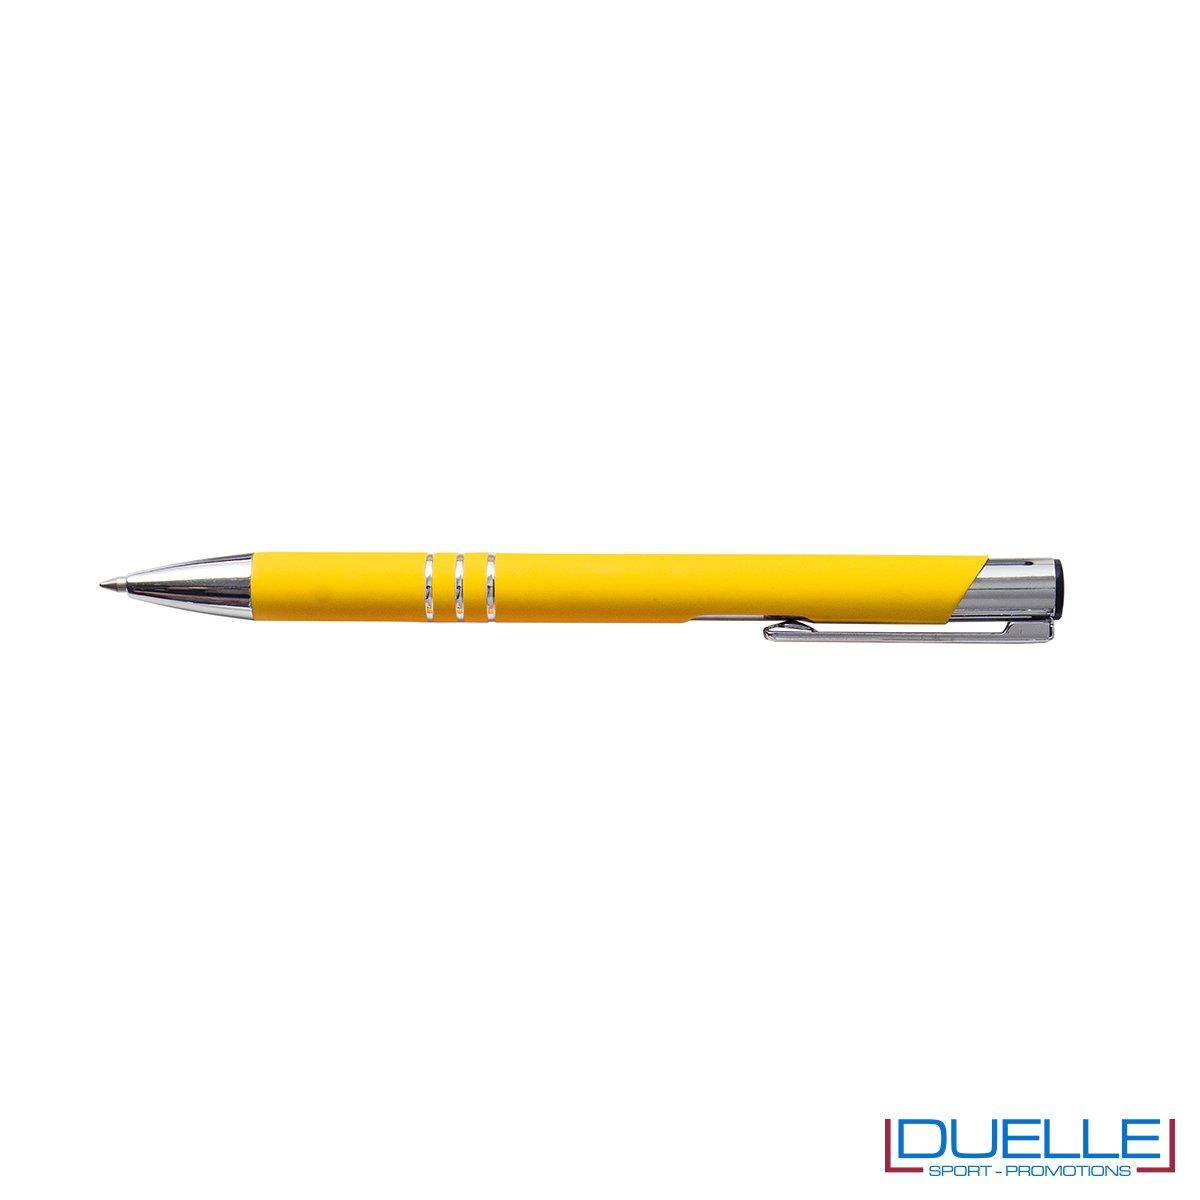 penna personalizzabile in metallo con finitura soft touch gialla, penne personalizzate promozionali soft touch gialle